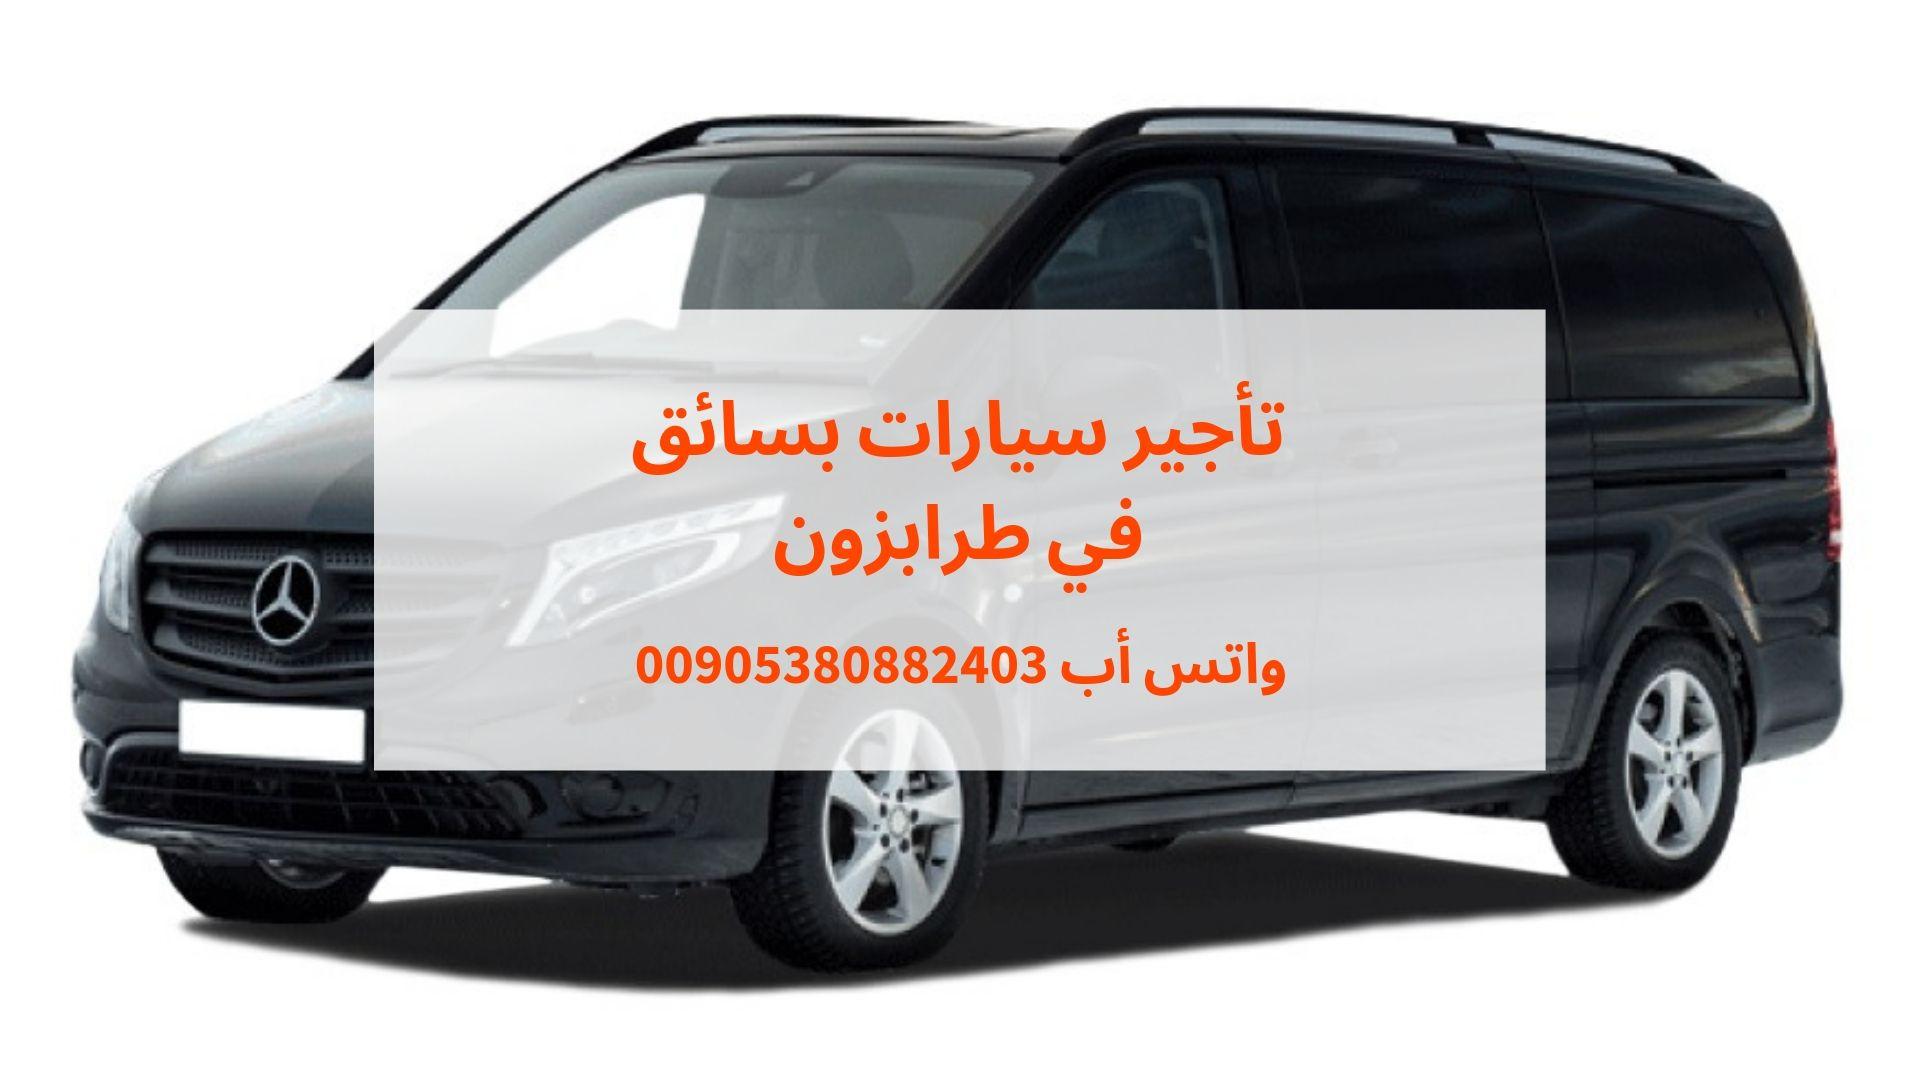 تأجير سيارات بسائق في طرابزون